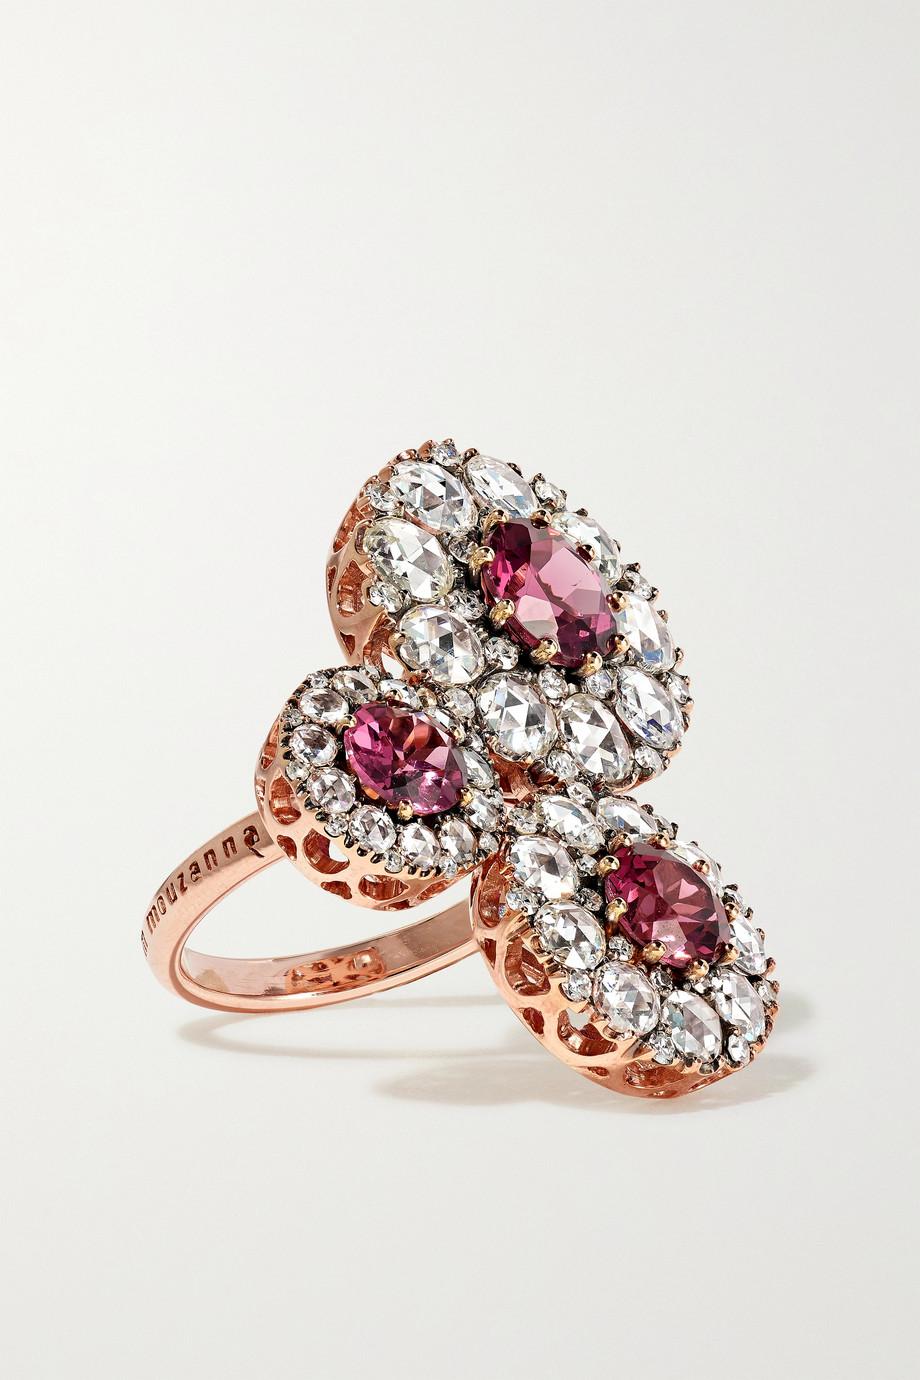 Selim Mouzannar Beirut 18-karat rose gold, diamond and rhodolite ring